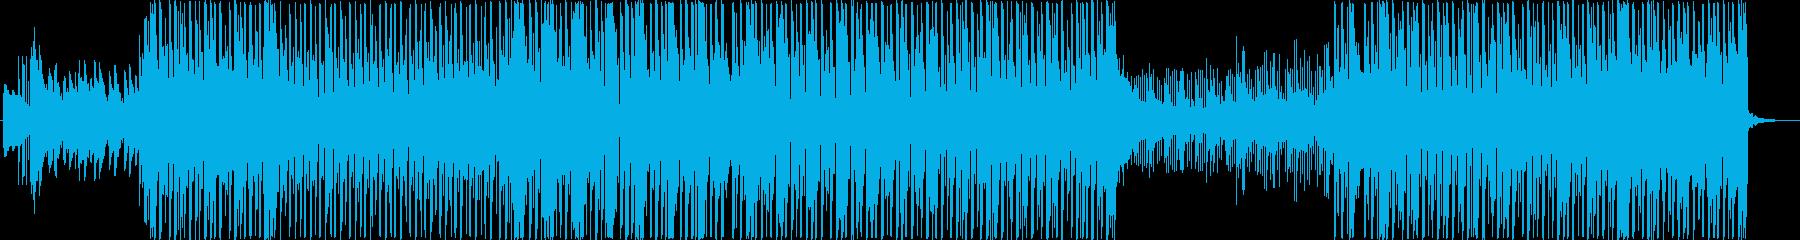 洋楽レゲエ・ソカポップトラックの再生済みの波形